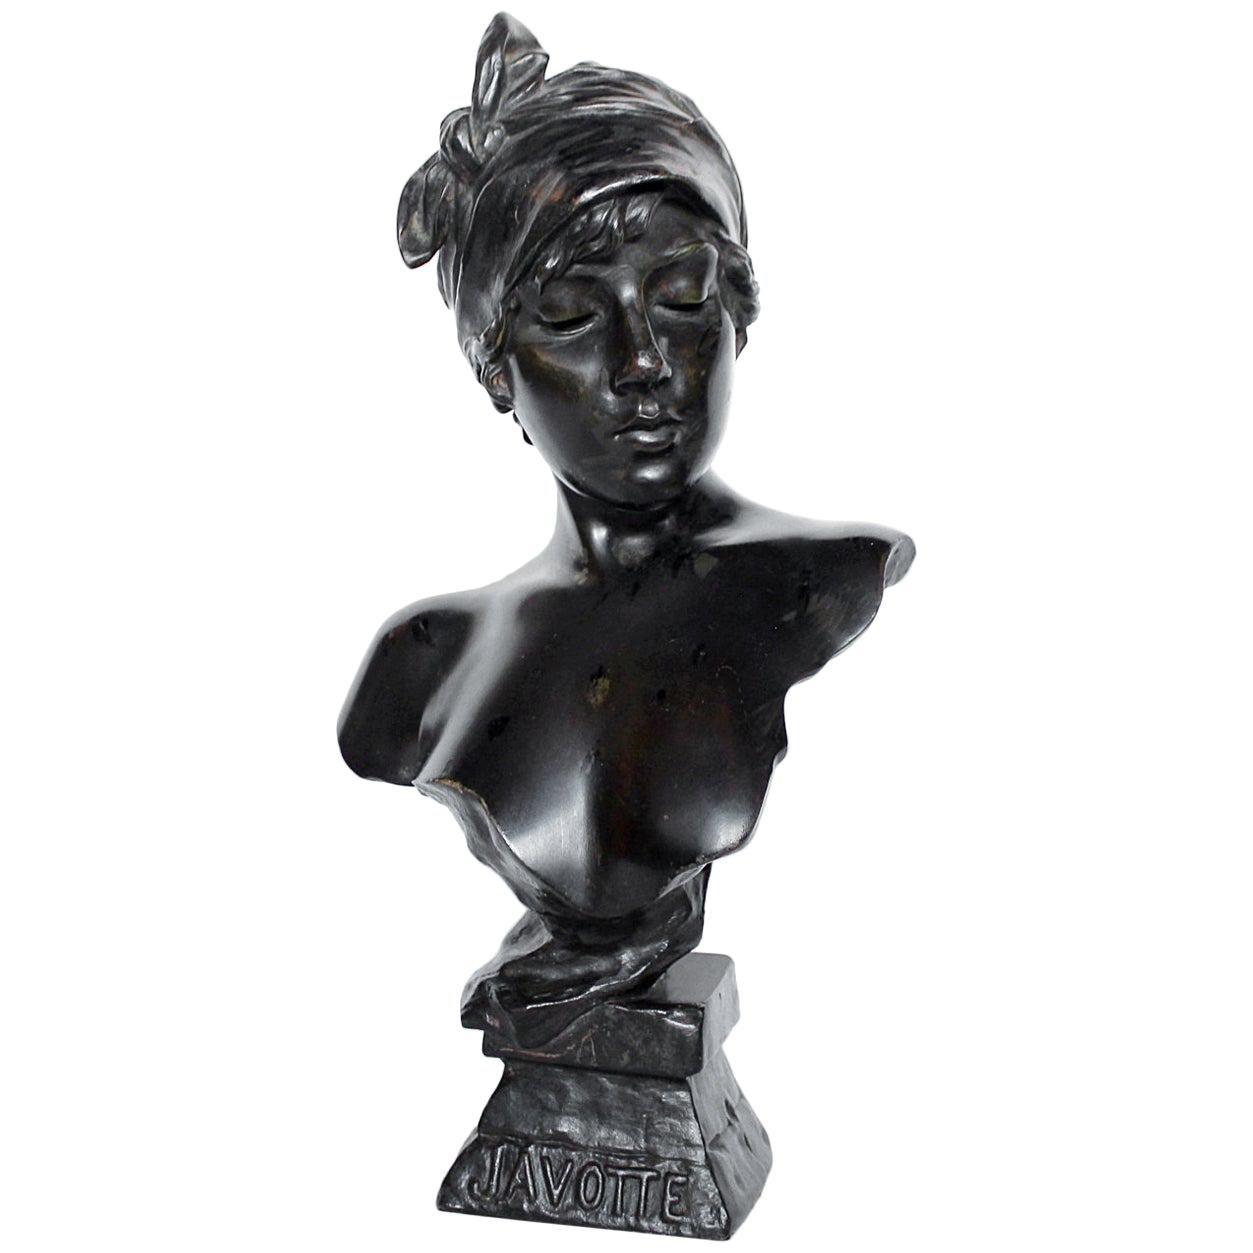 'Janotte' Emmanuel Villanis Art Nouveau Bronze Bust, French, 1890